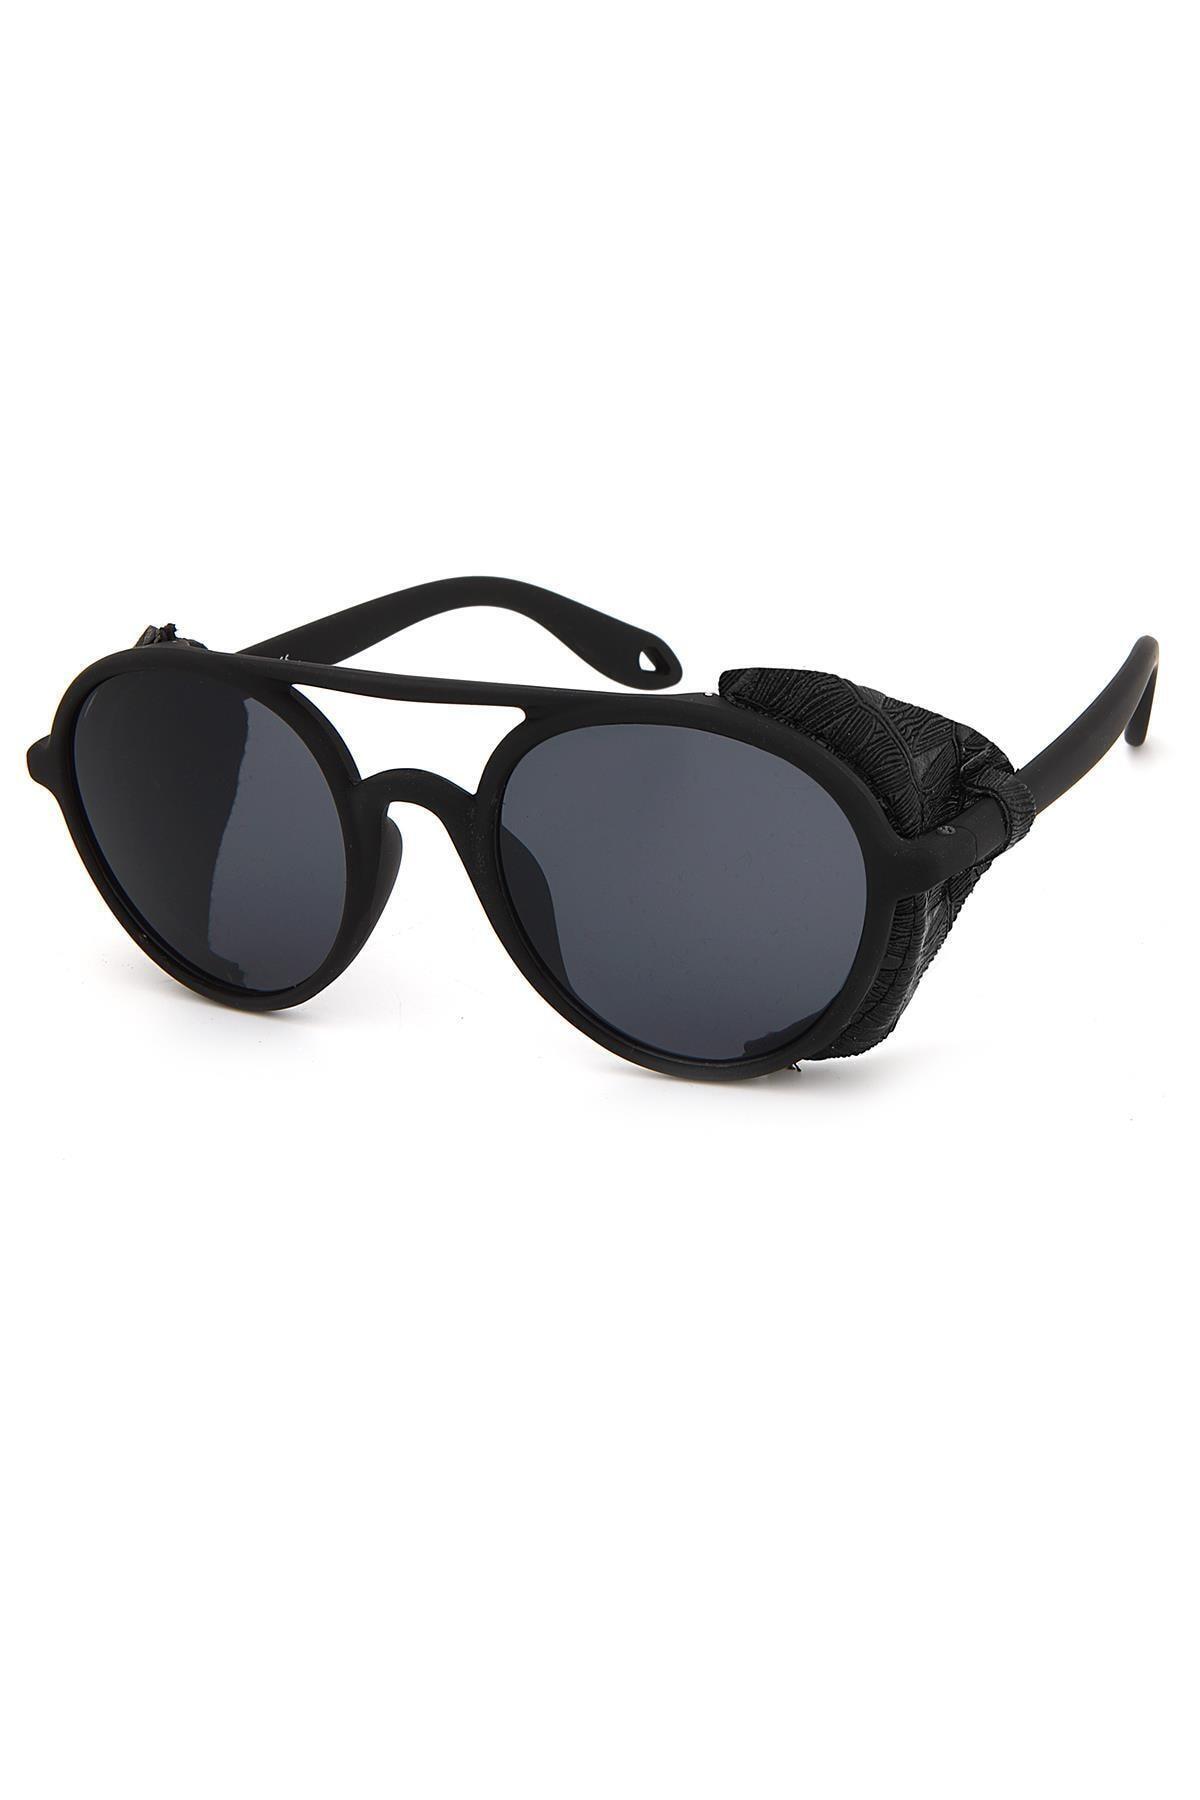 Di Caprio Unisex Siyah Güneş Gözlüğü Dc1771b 1